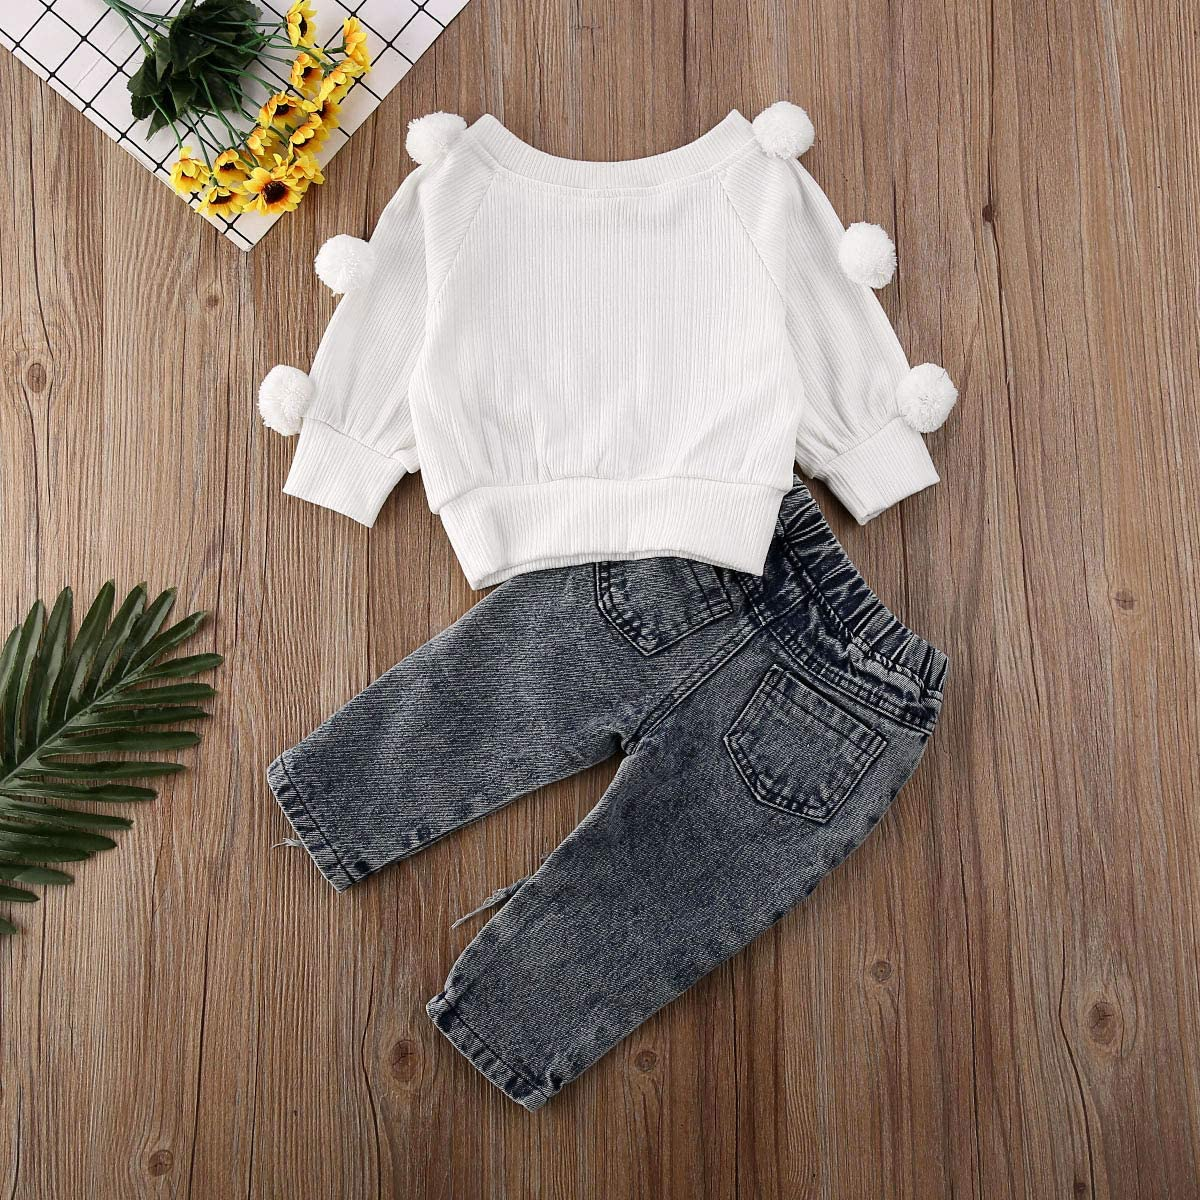 primavera 5 a/ños para 1 pantalones vaqueros con tirantes casual Conjunto de 2 piezas de camiseta de manga larga con pomp/ón oto/ño